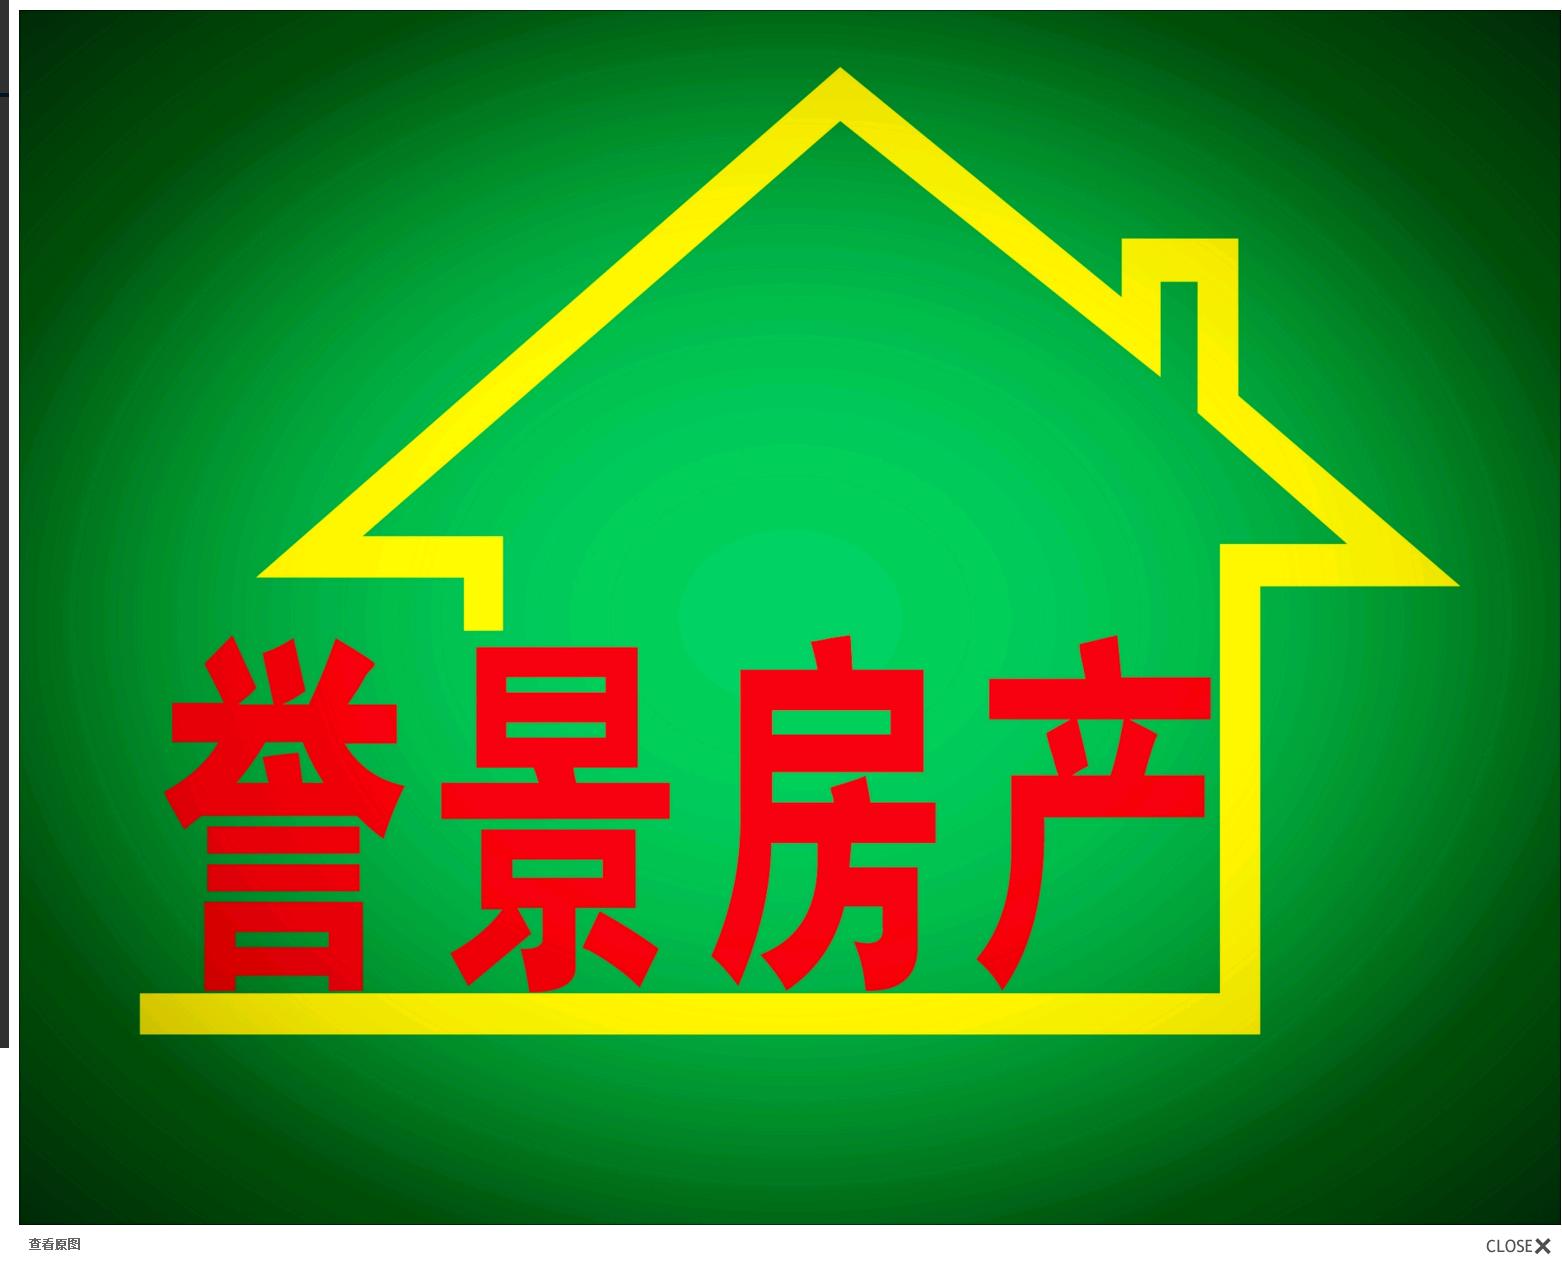 泰州市誉景房产经纪服务有限公司